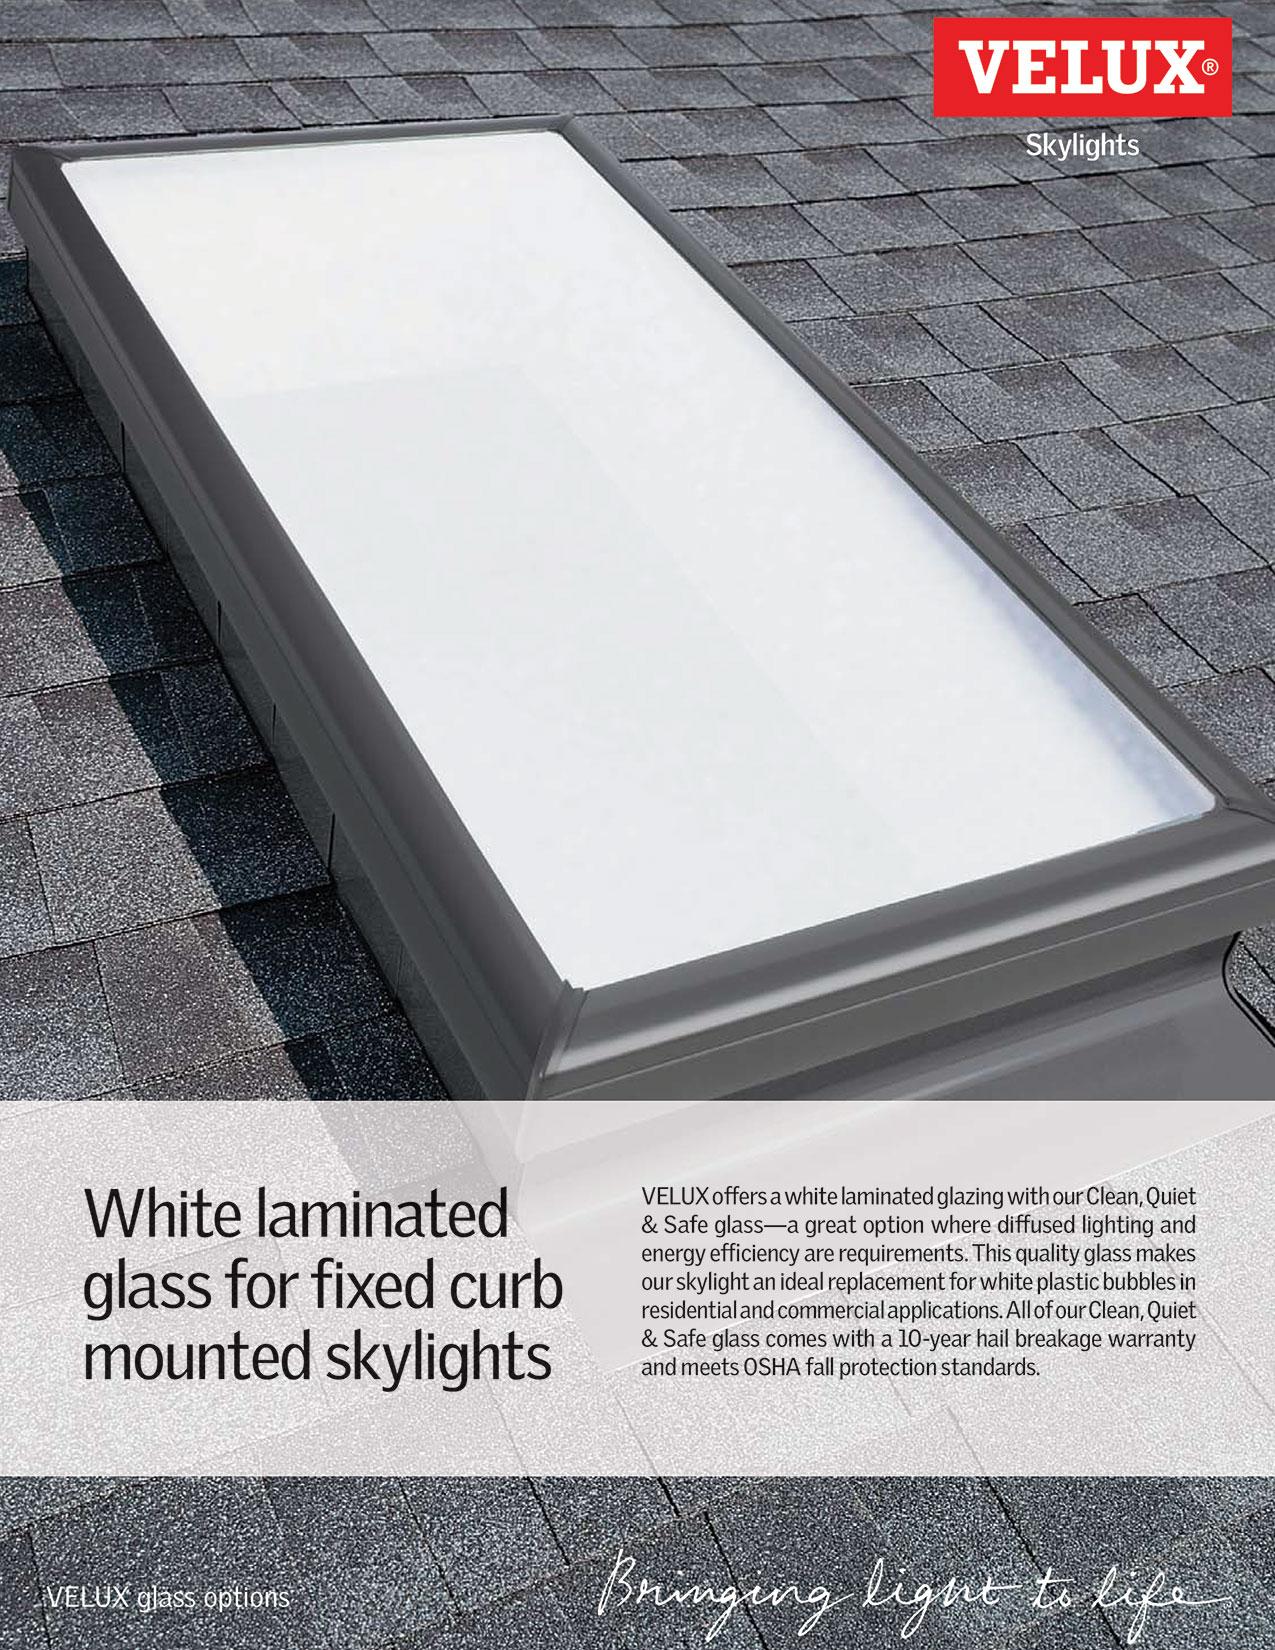 white-laminated-glass-flyer.jpg